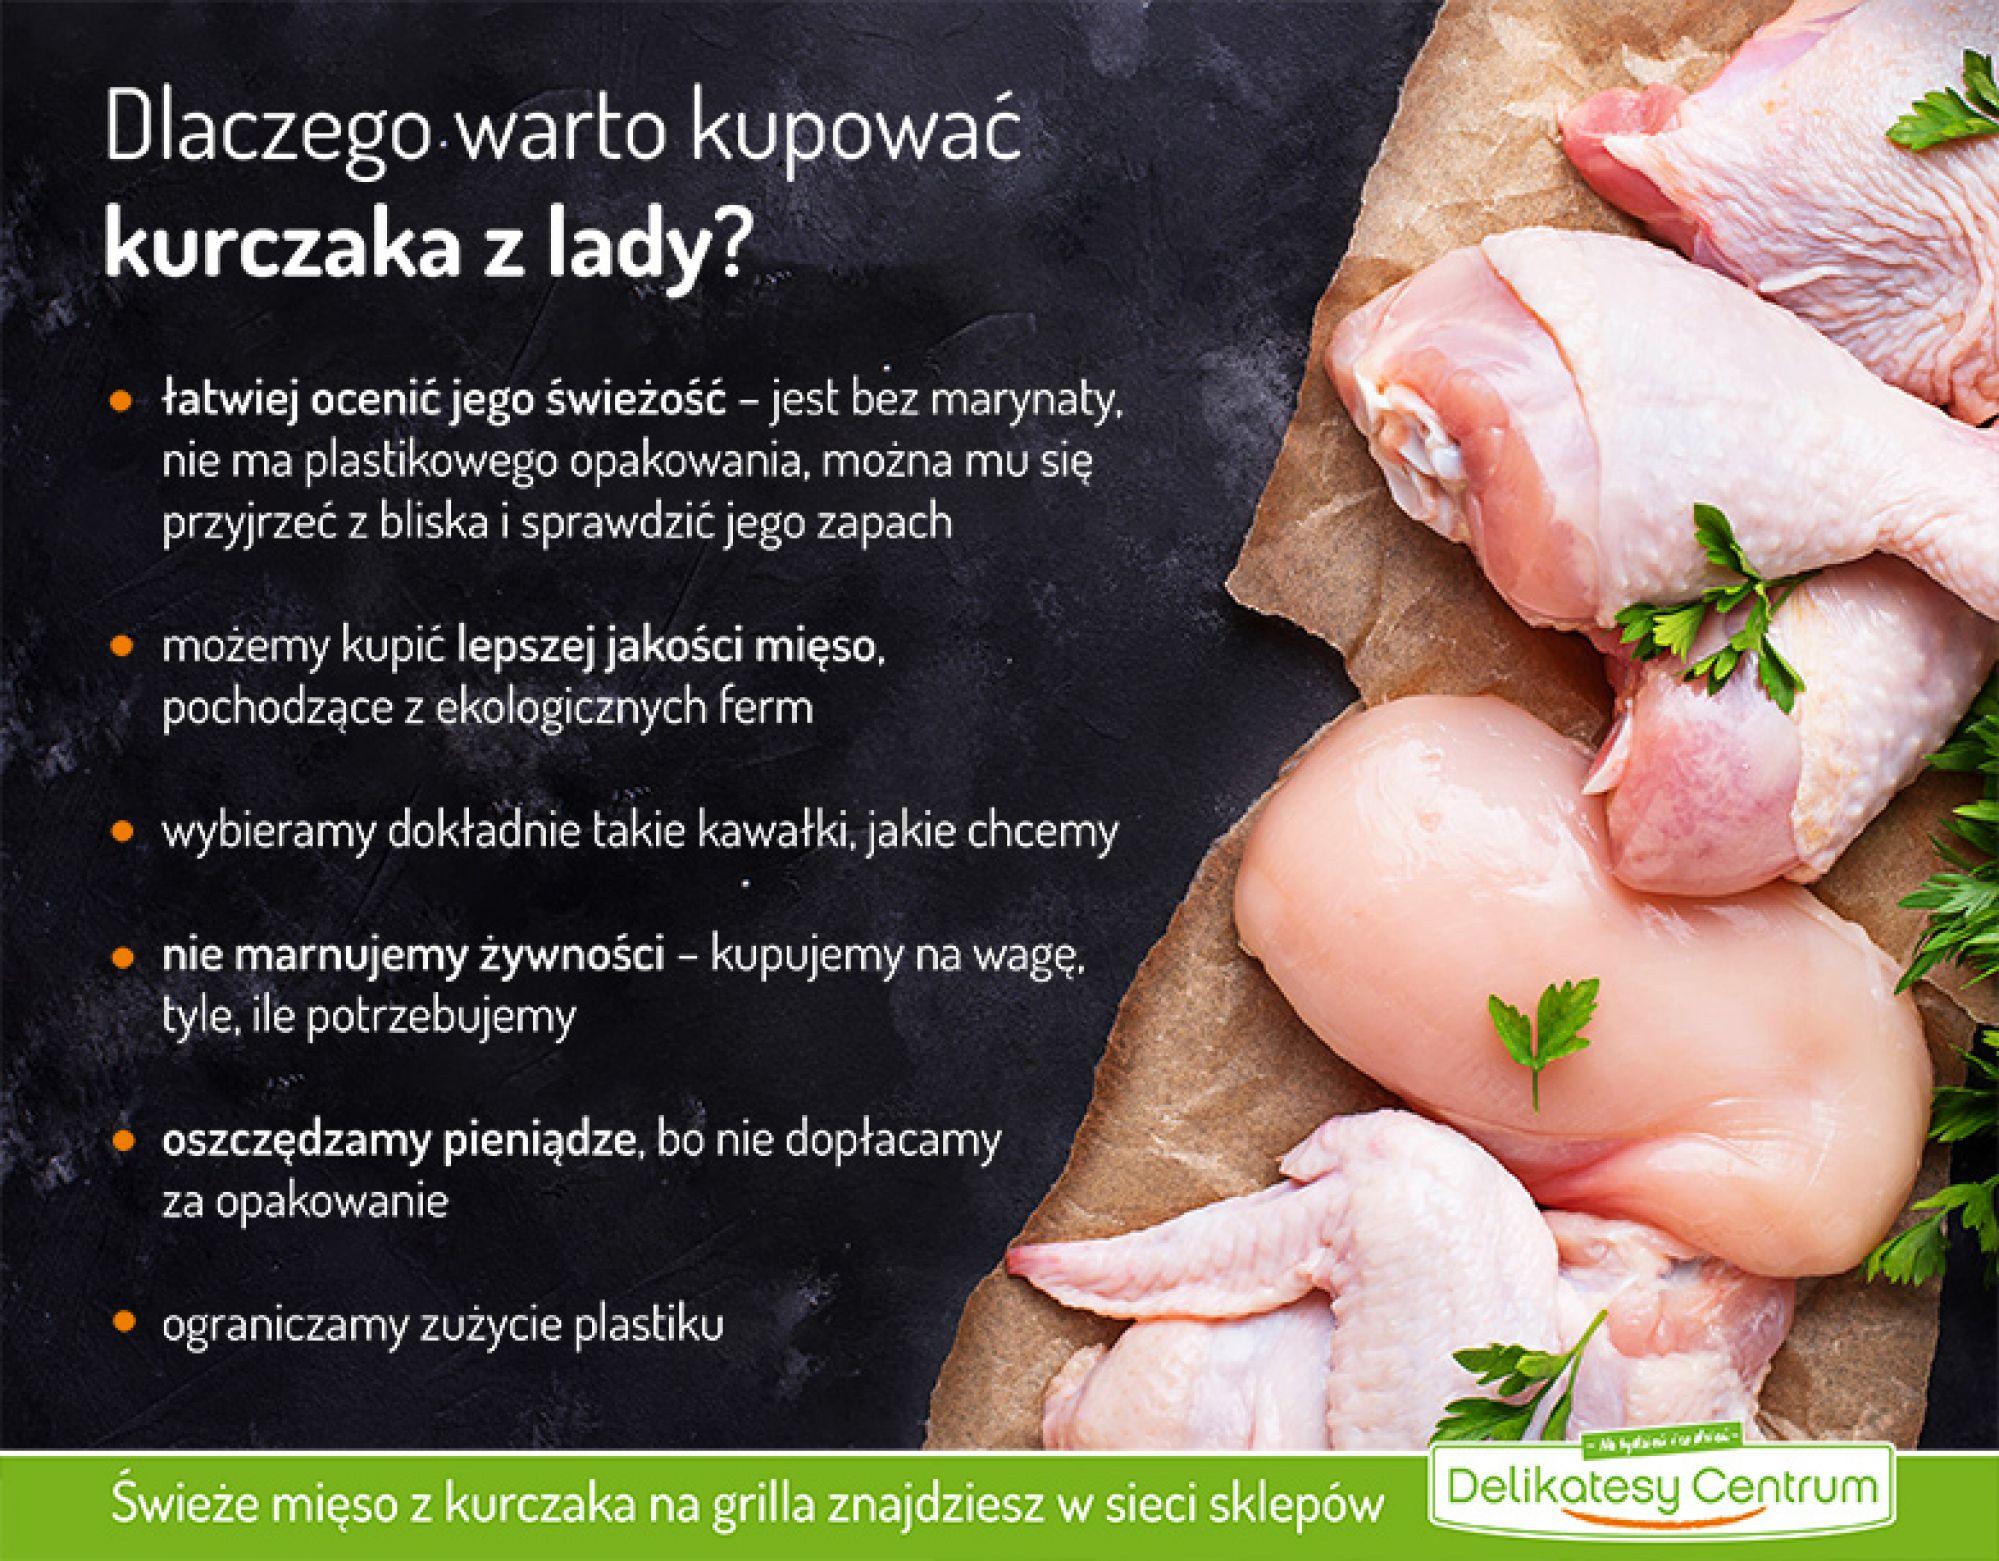 Dlaczego warto kupować kurczaka z lady?  - infografika